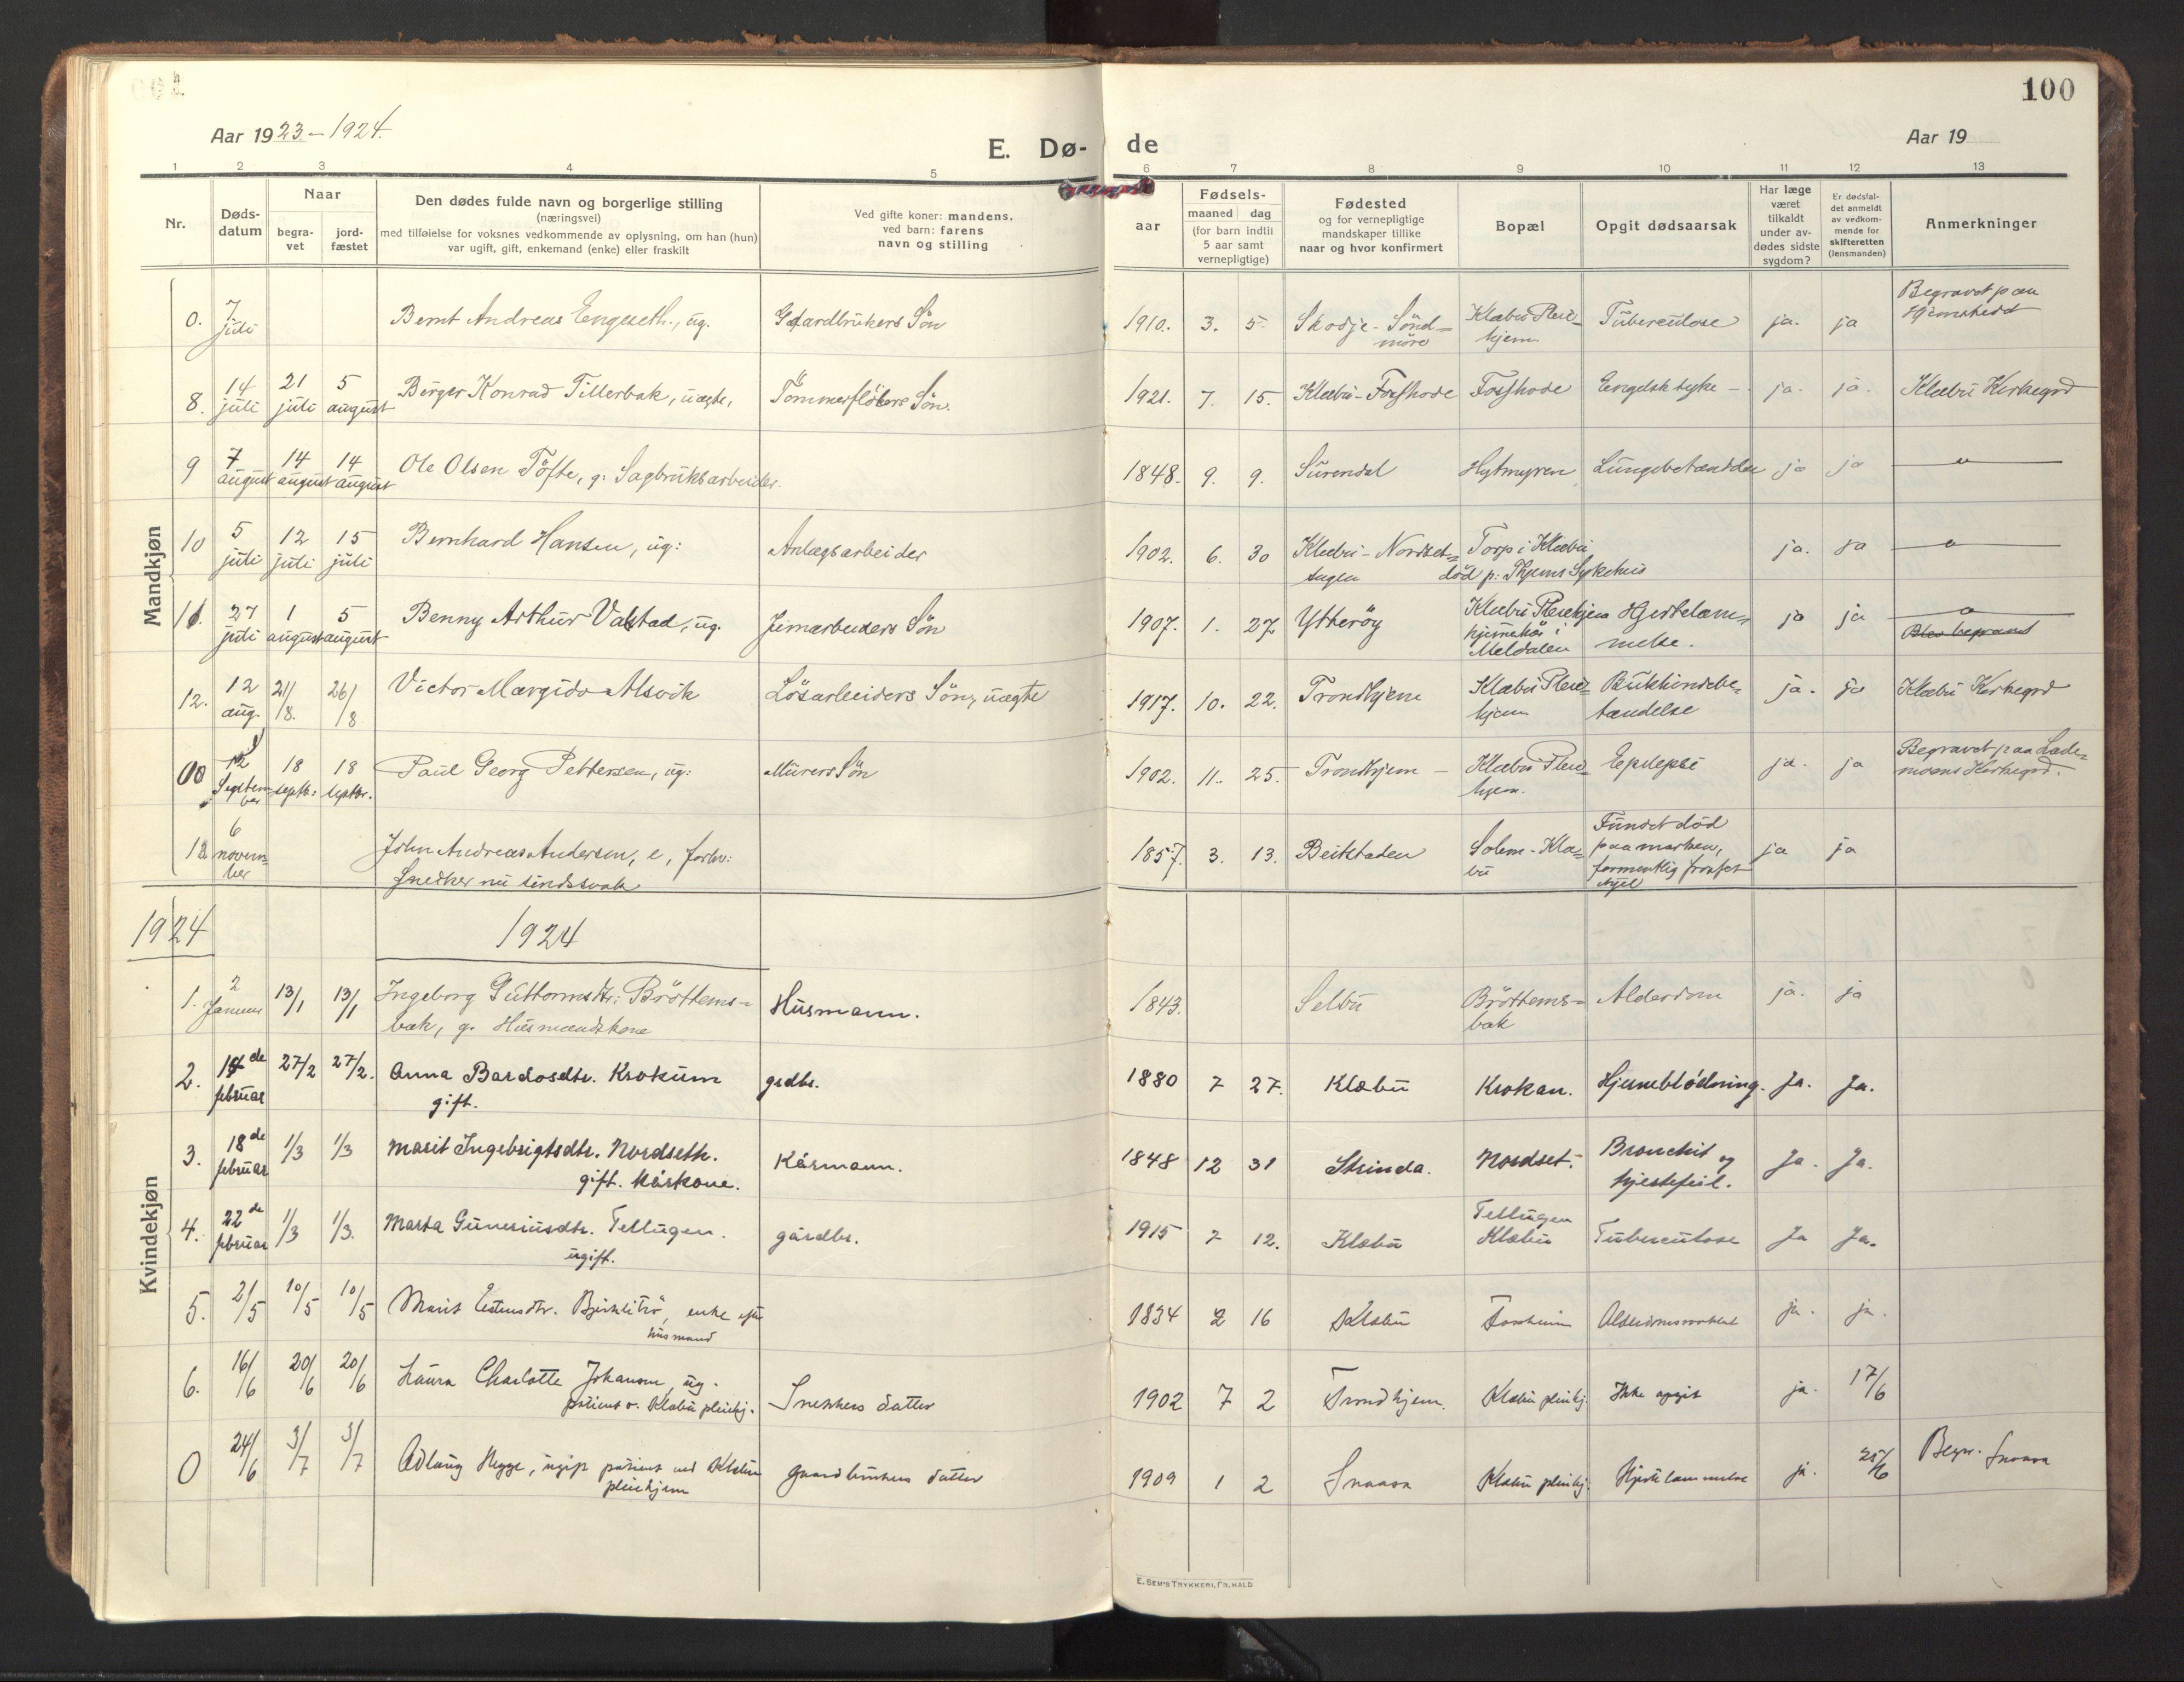 SAT, Ministerialprotokoller, klokkerbøker og fødselsregistre - Sør-Trøndelag, 618/L0449: Ministerialbok nr. 618A12, 1917-1924, s. 100